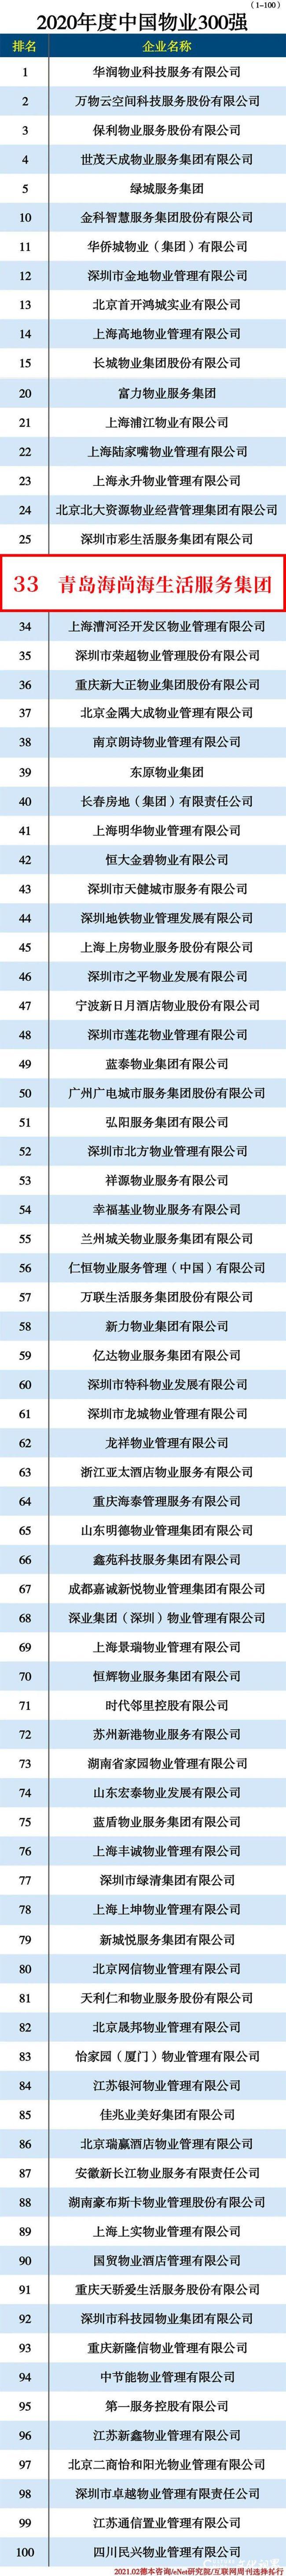 海尚海服务集团荣登2020年度中国物业300强榜单,位列第33